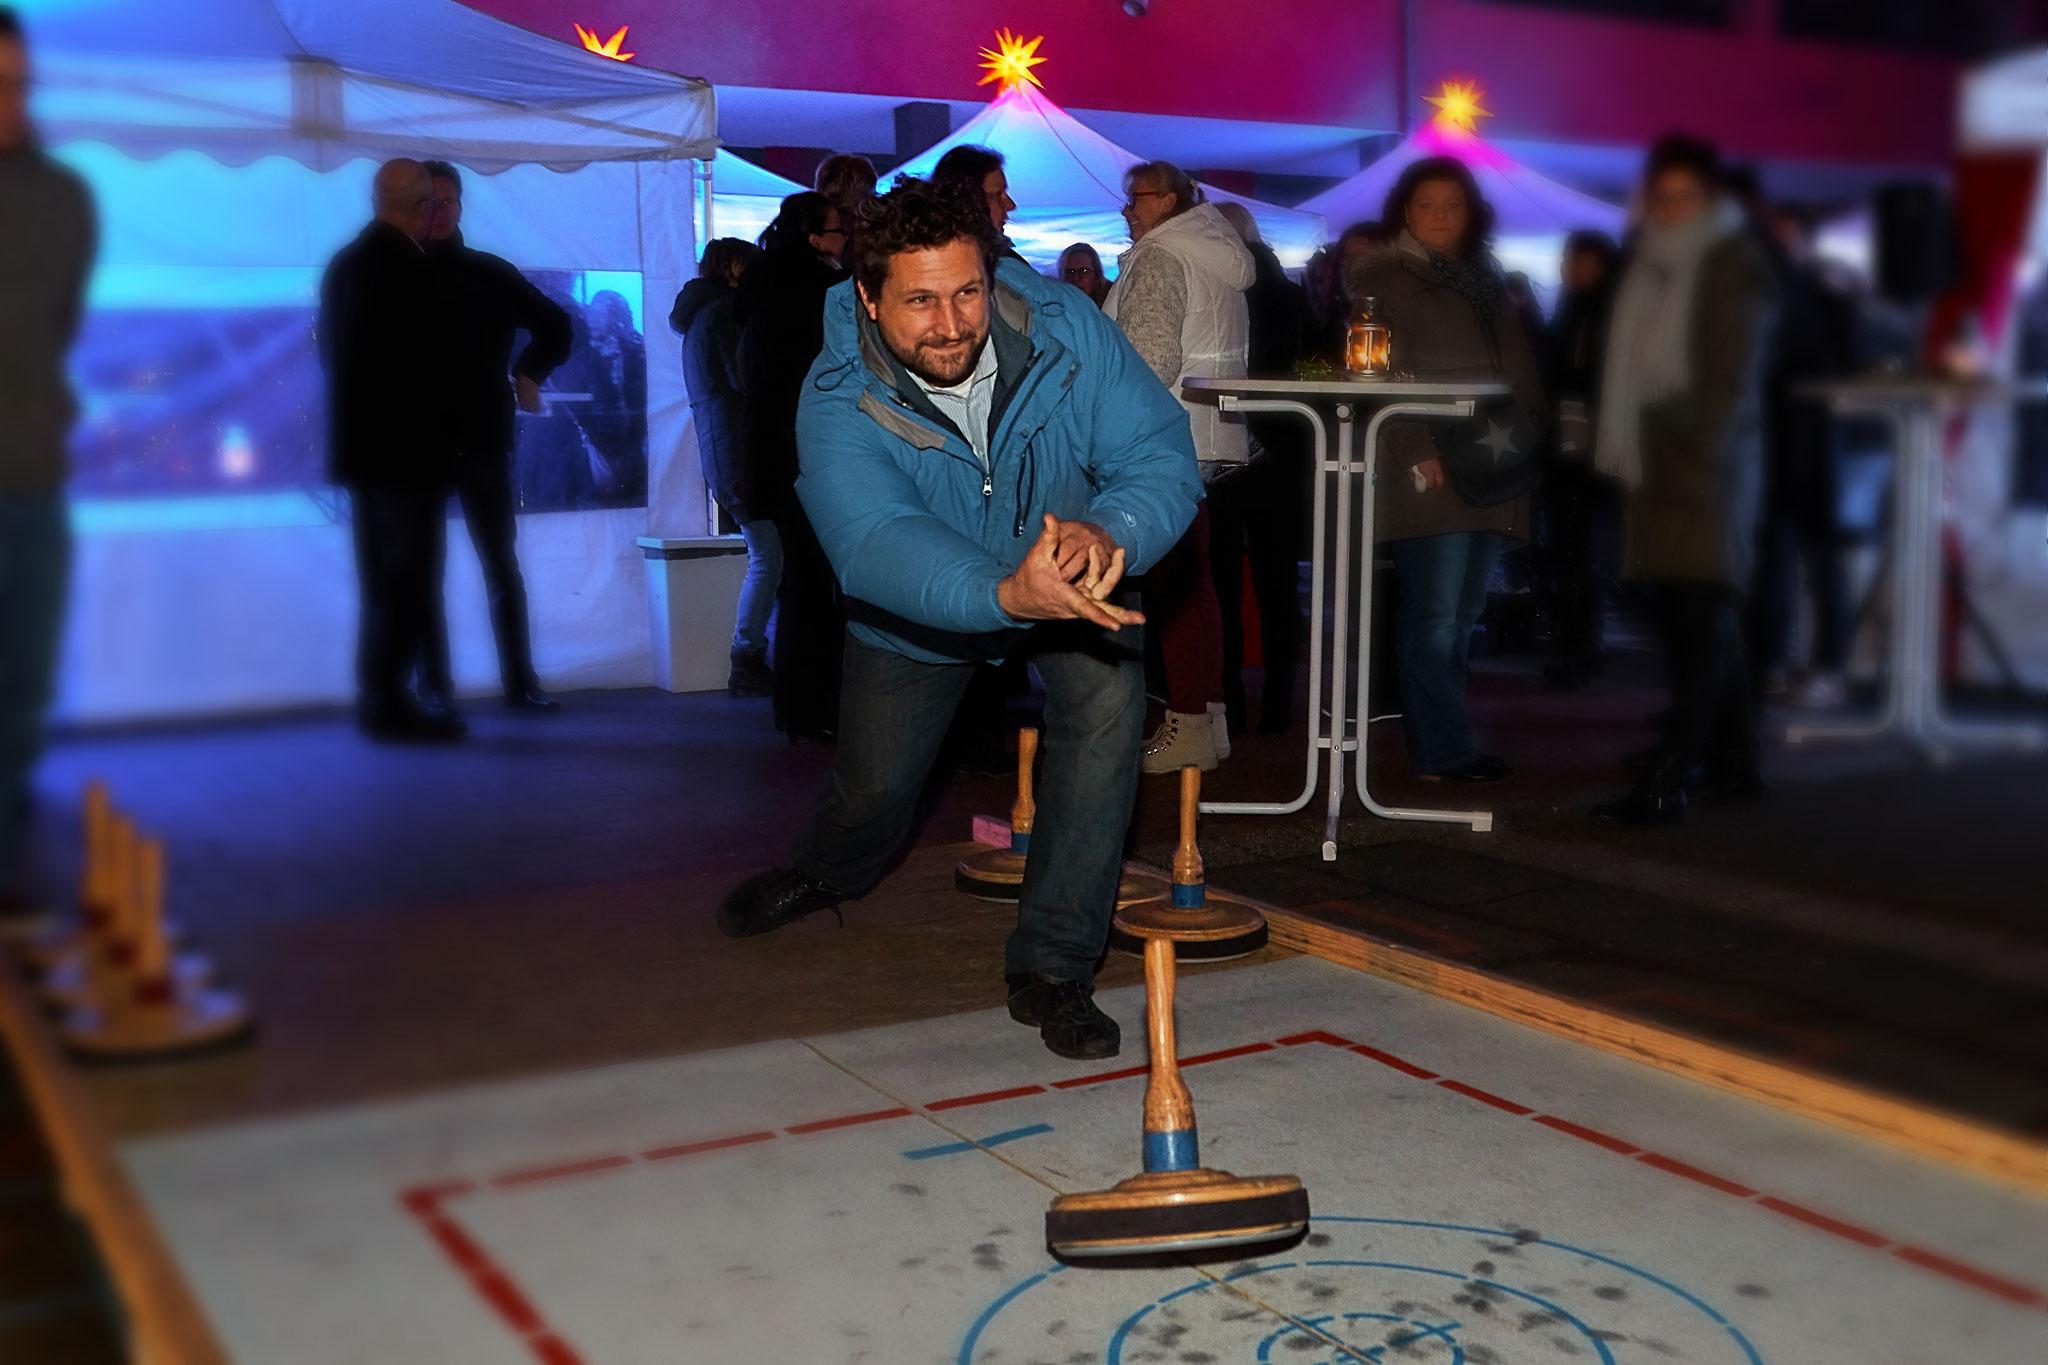 Viel Spaß bei Teambuilding mit Curlingbahn, gleich mit mieten für Stuttgart